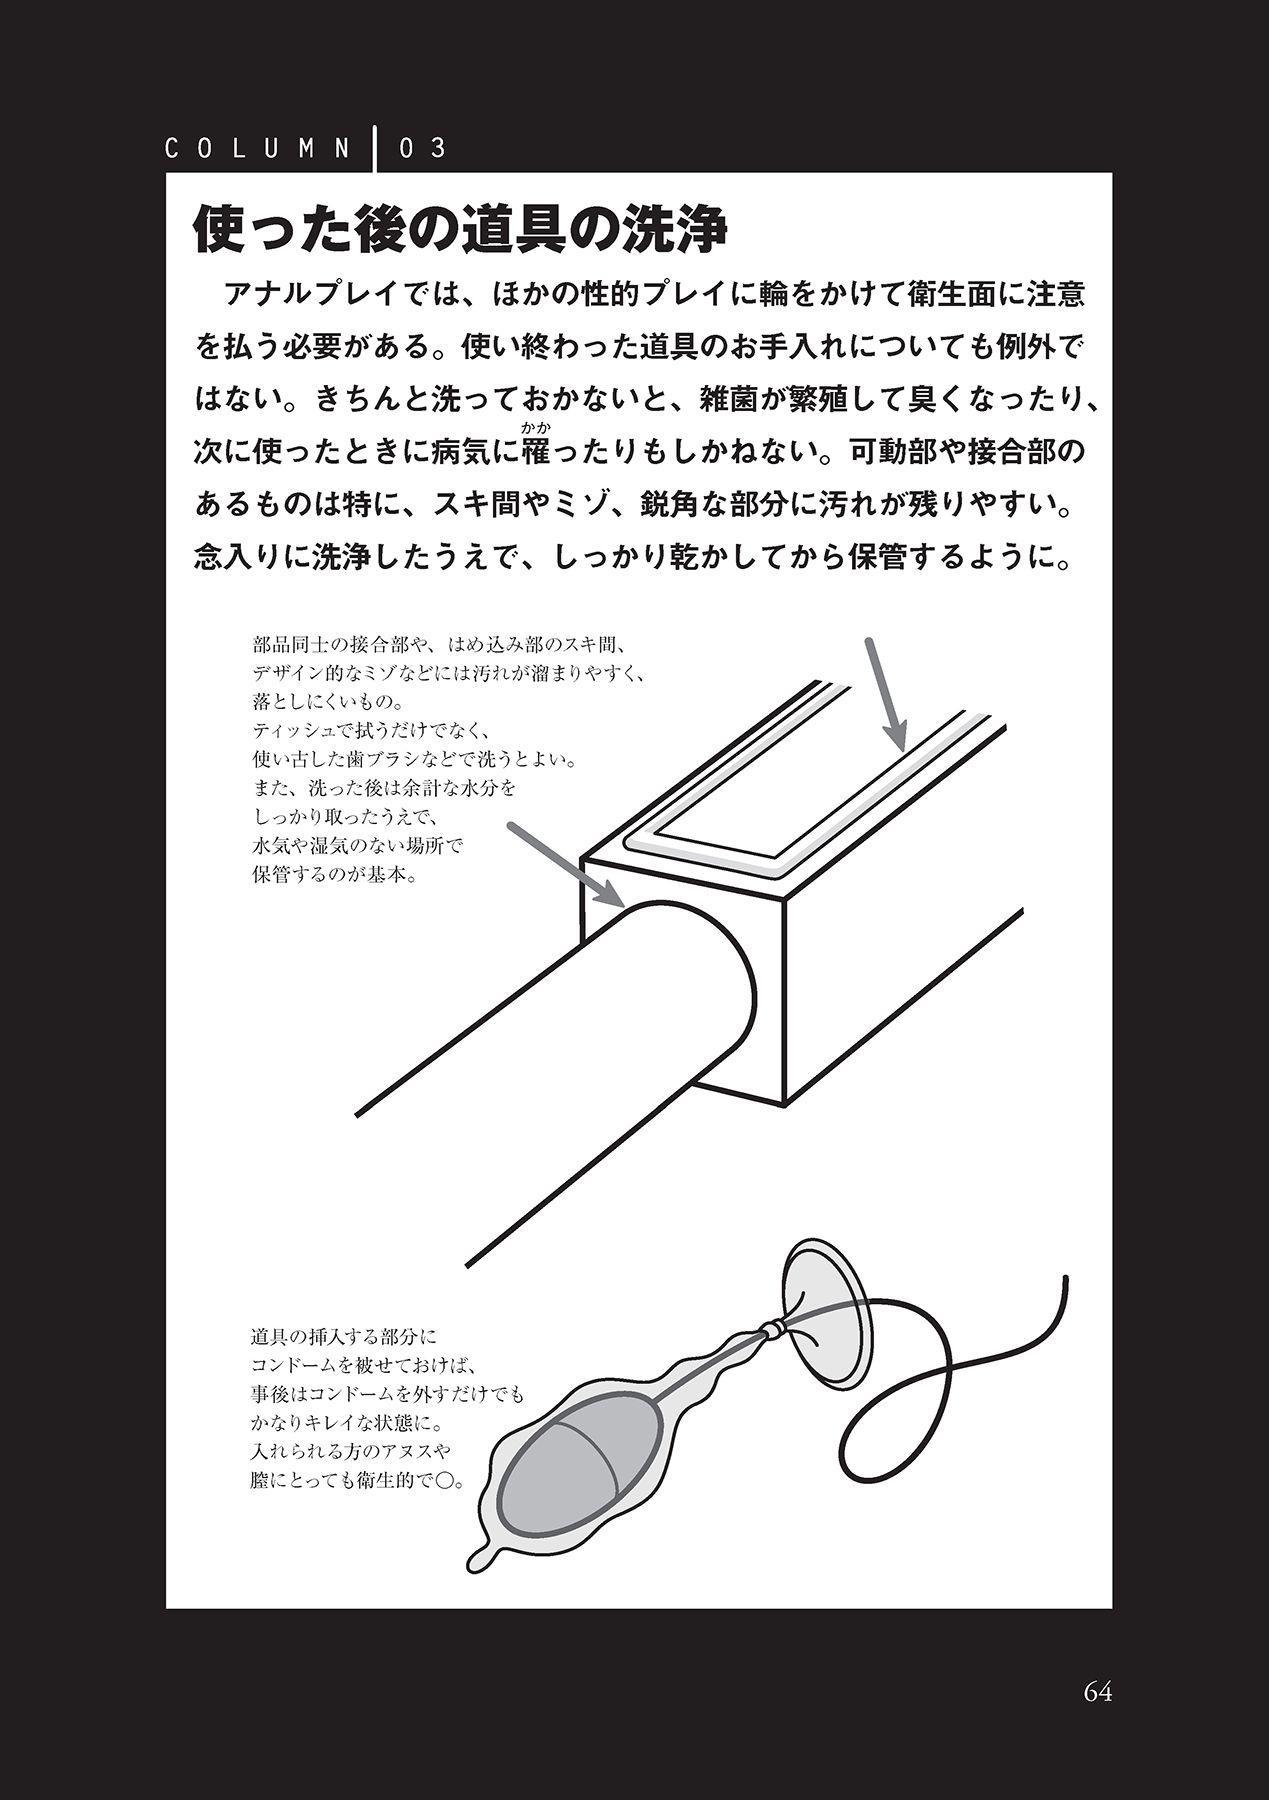 アナル性感開発・お尻エッチ 完全マニュアル 65